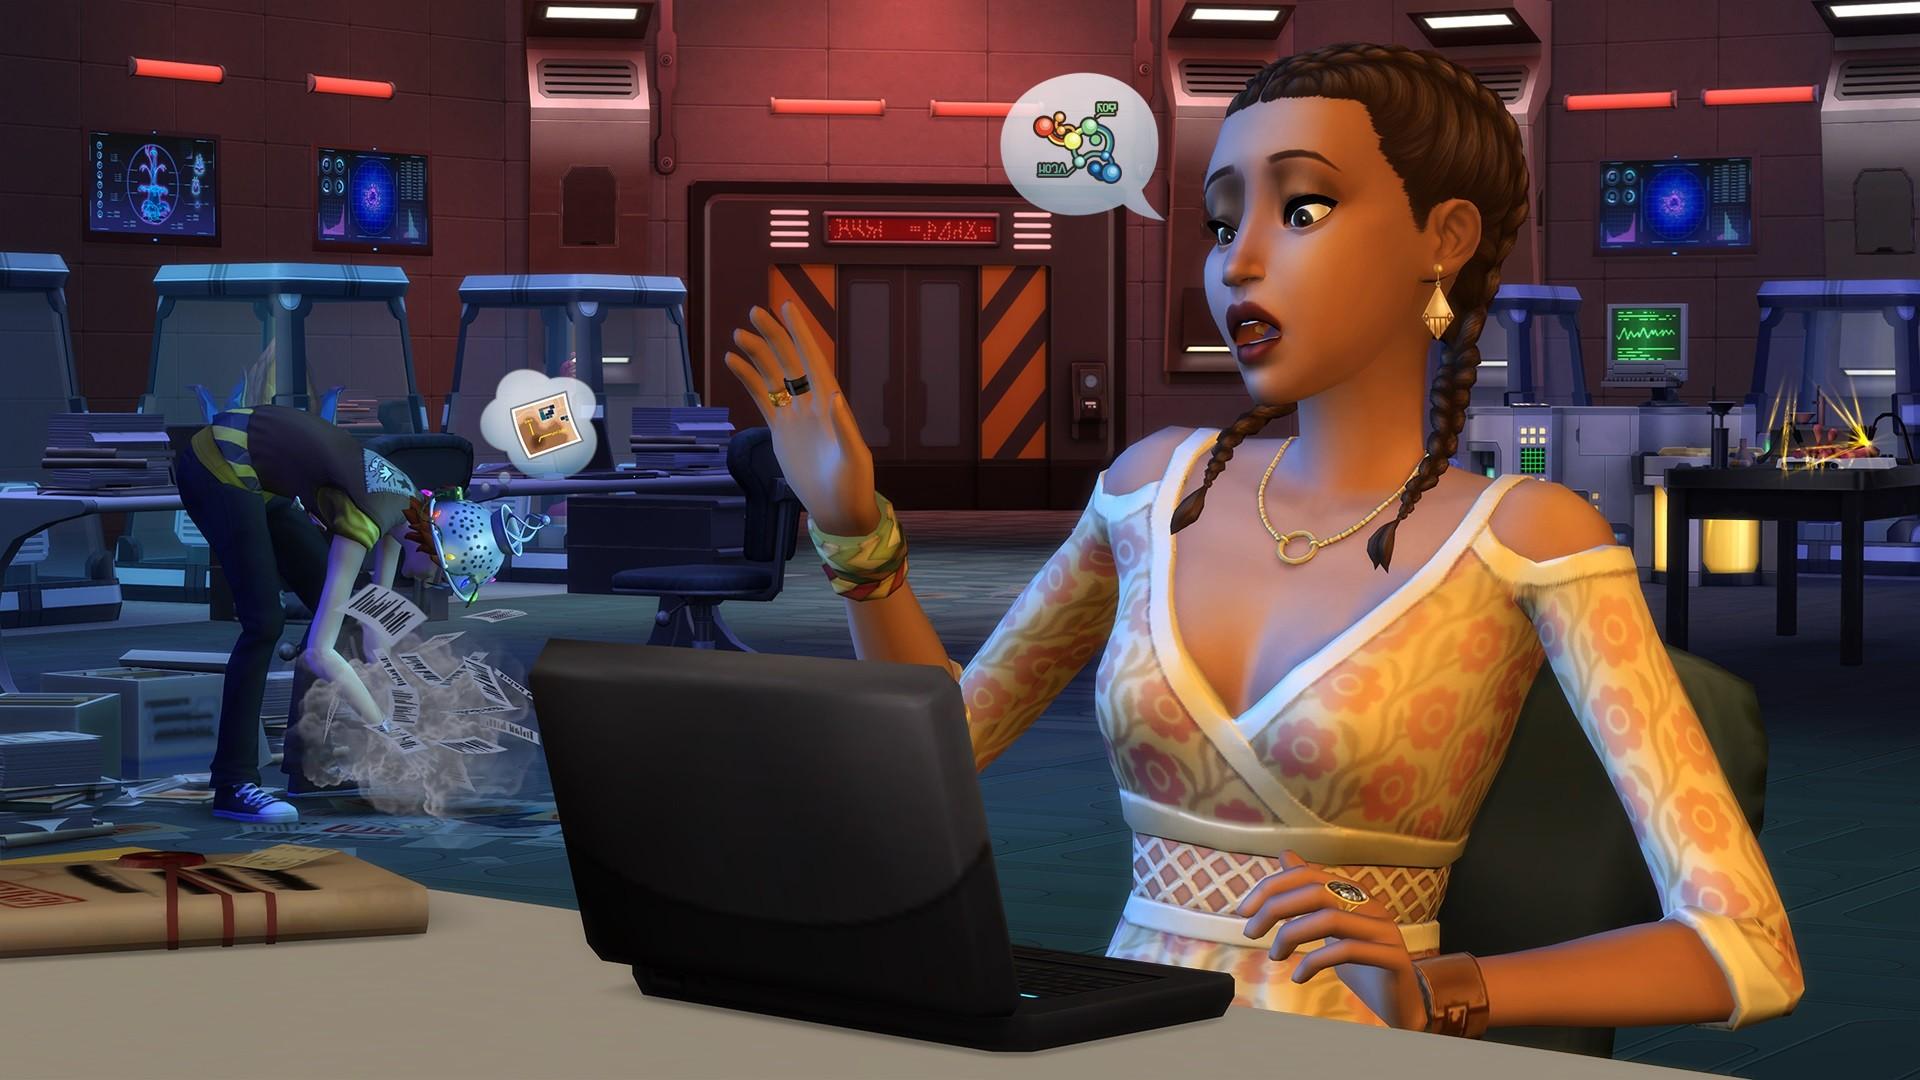 Все, что известно о The Sims 5. Дата выхода, мультиплеер и другие подробности